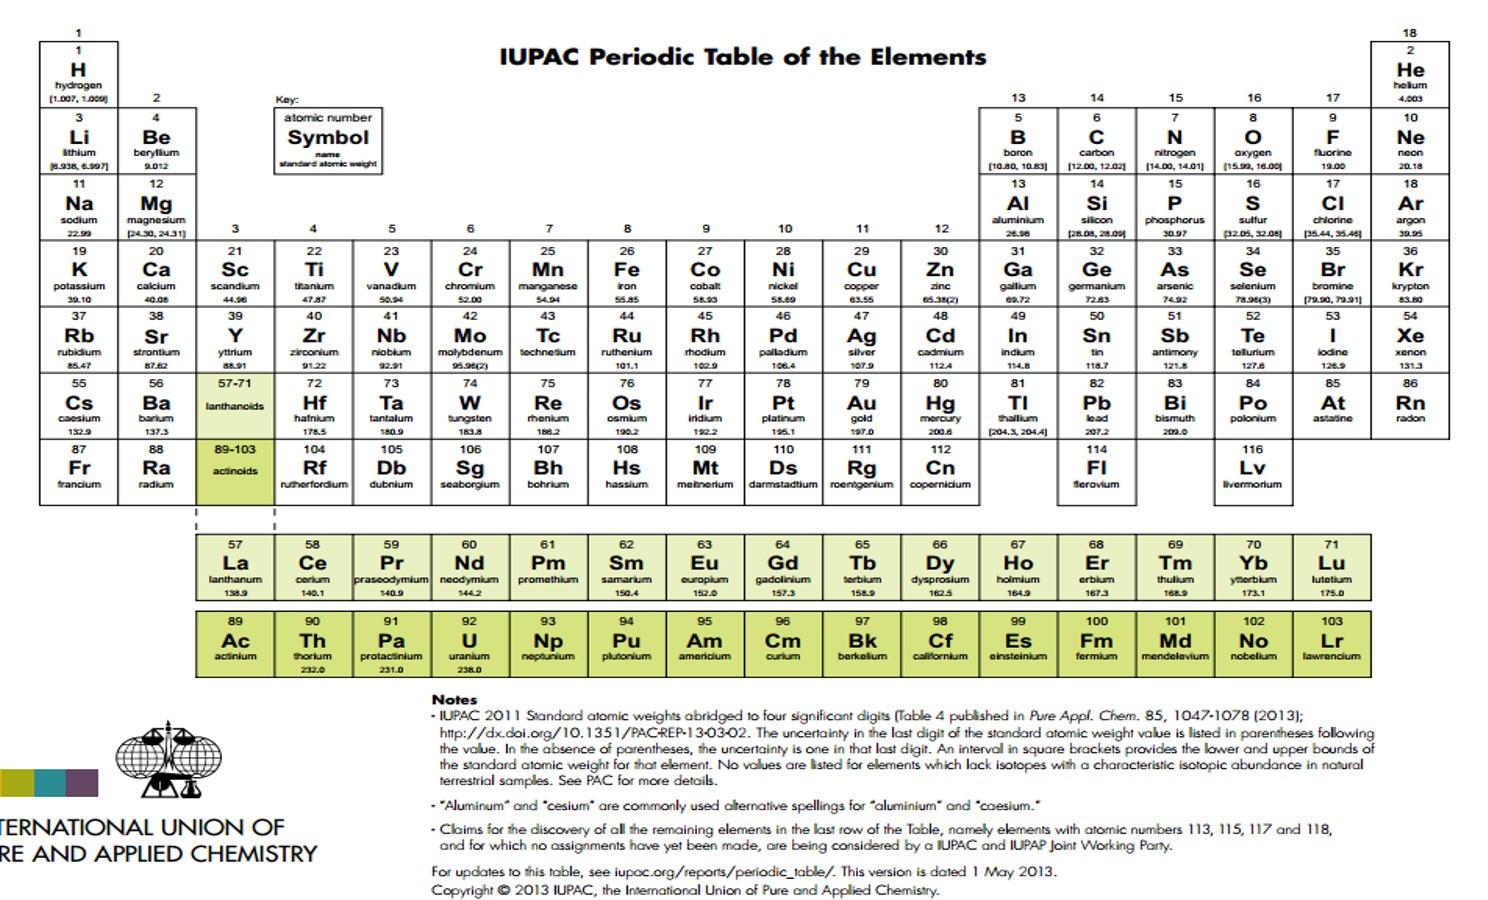 tabla peridica de los elementos qumicos iupac - Tabla Periodica De Los Elementos Actualizada 2016